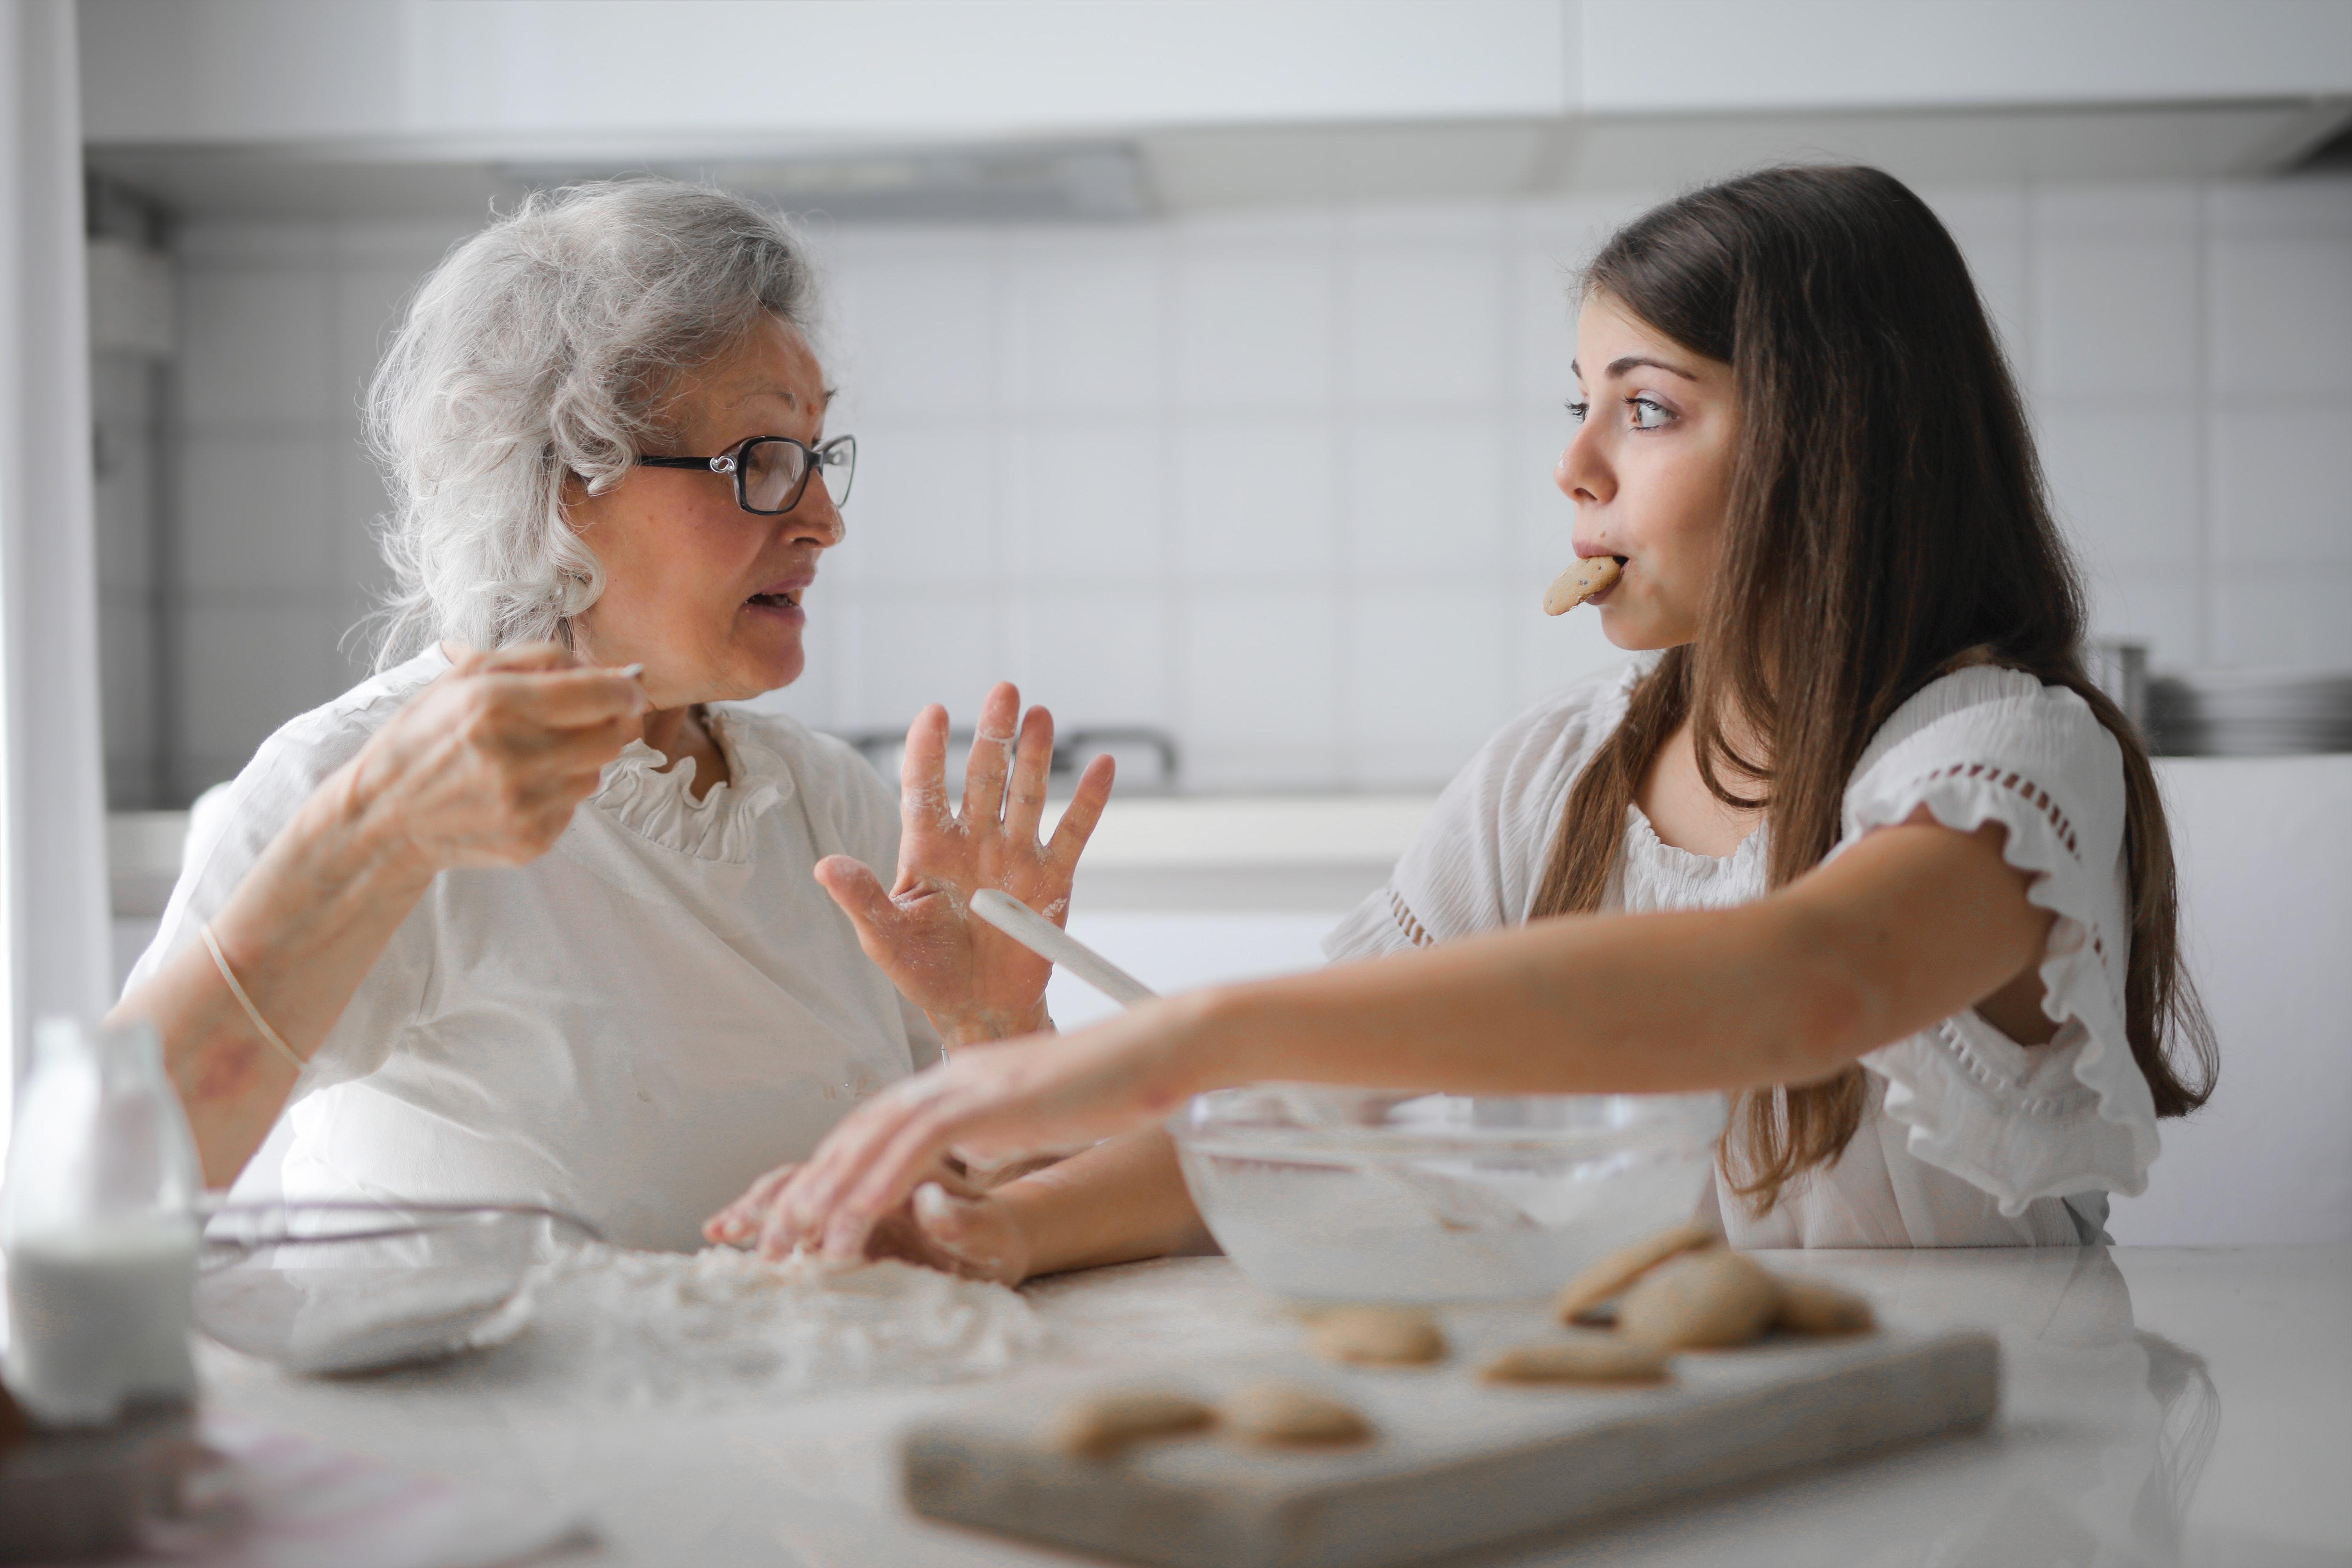 Opiekunka do osoby starszej potrzebna